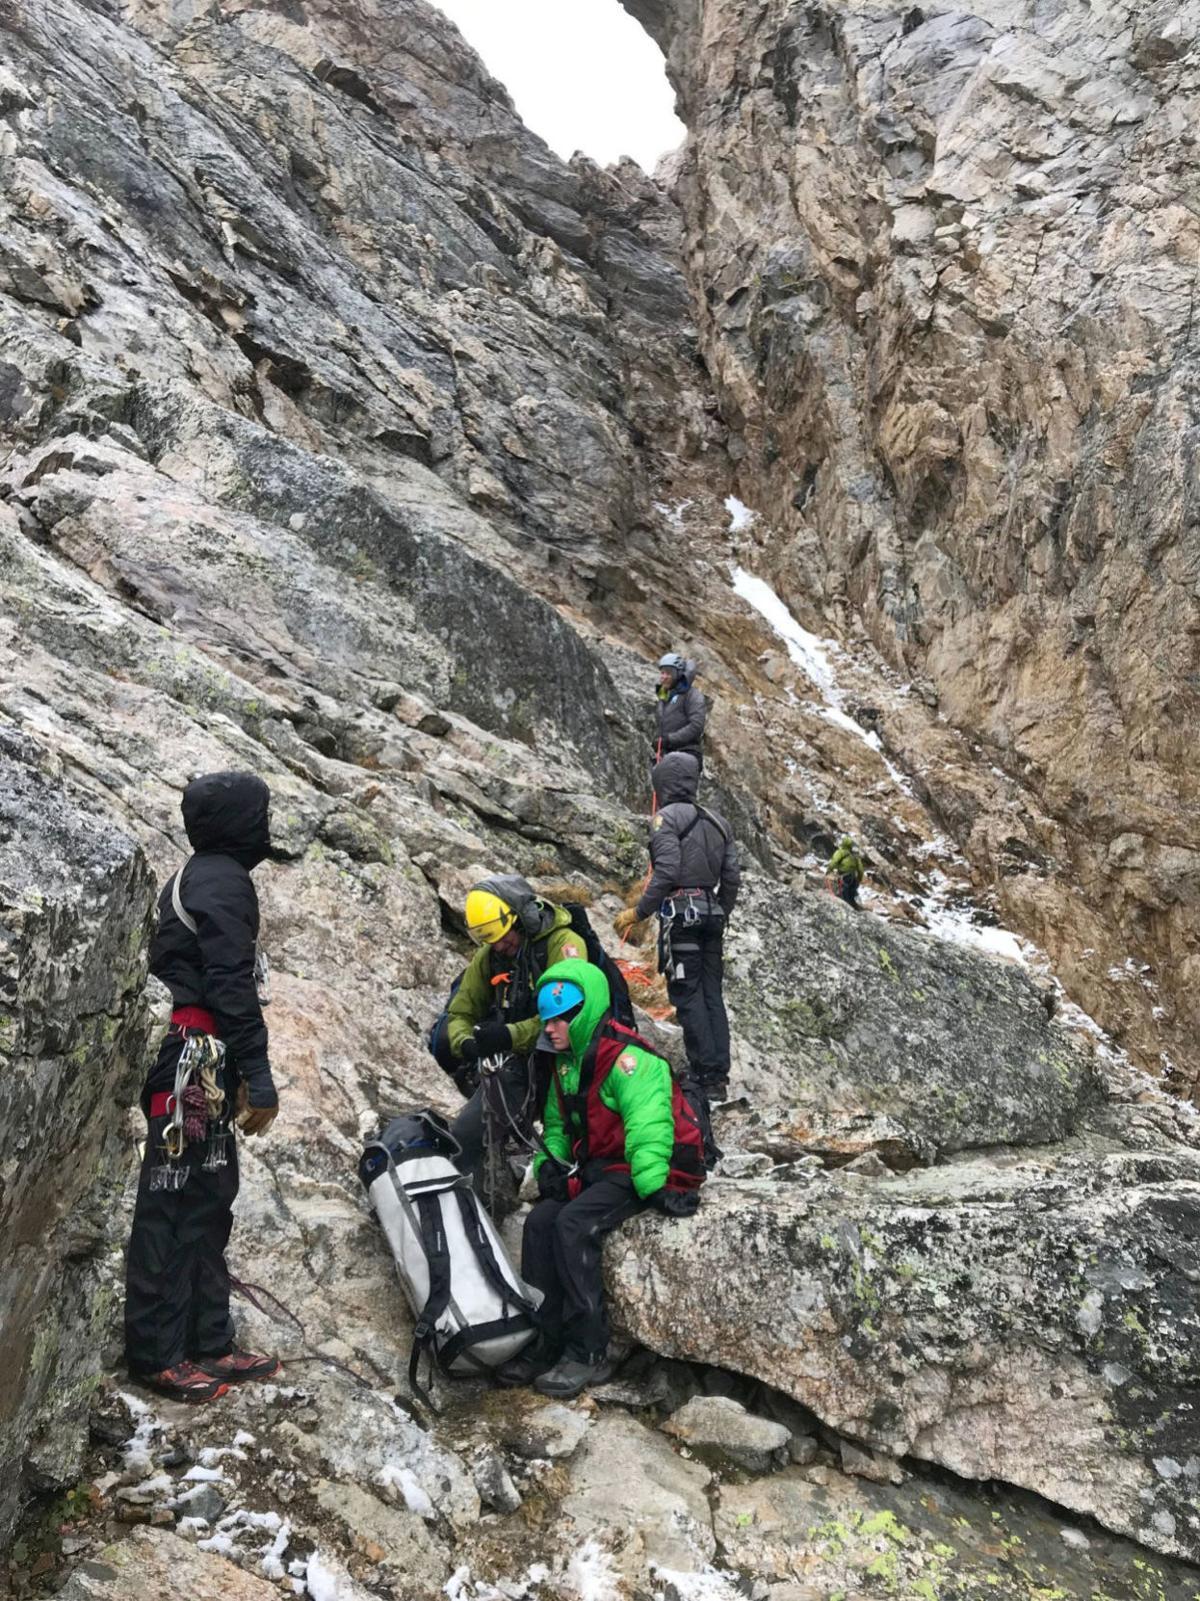 Middle Teton rescue